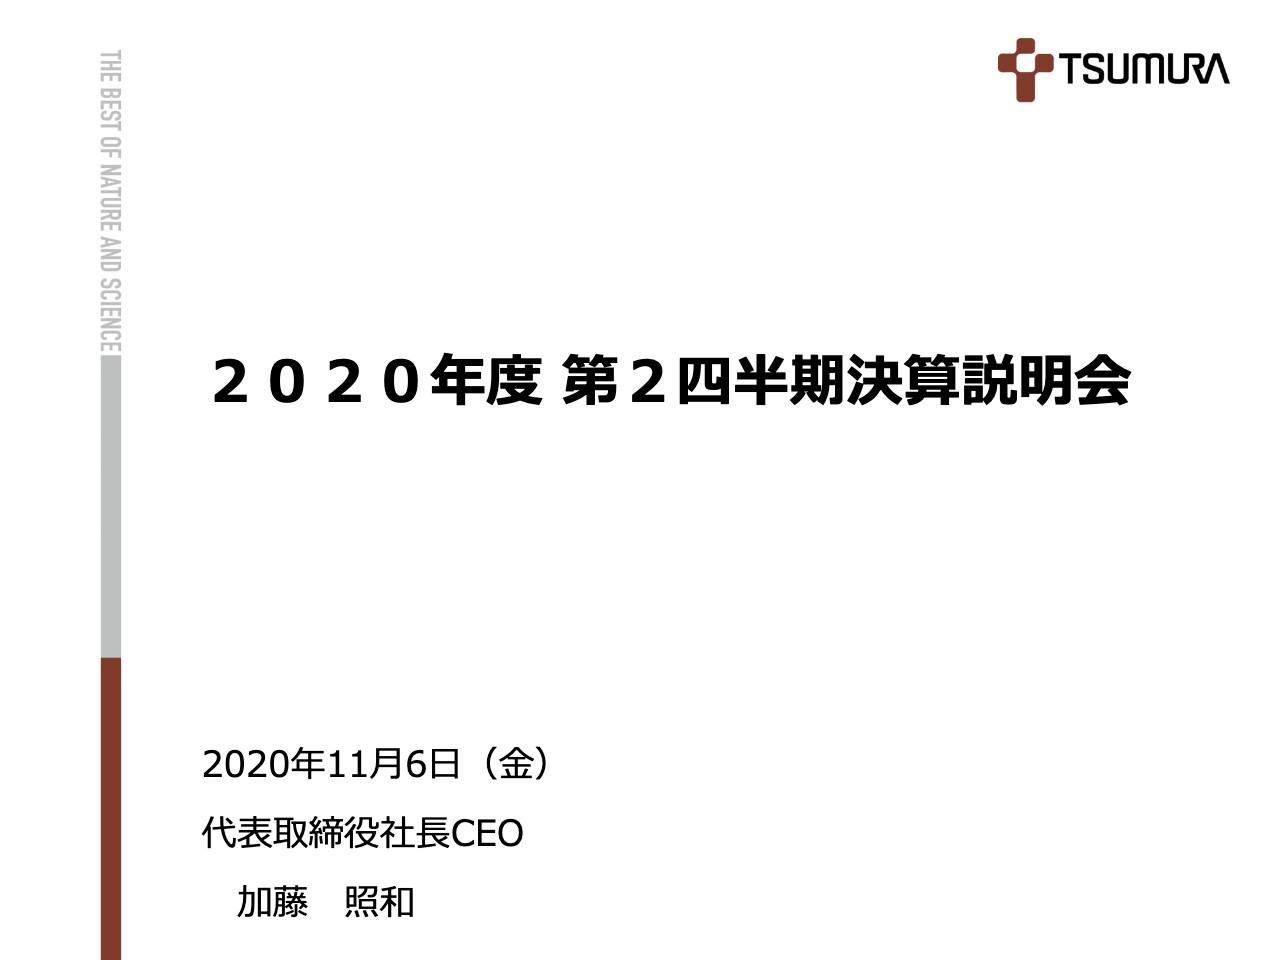 ツムラ、2Qは増収増益 一般用漢方製剤等のヘルスケア売上が好調で売上高は前年比+5.2%